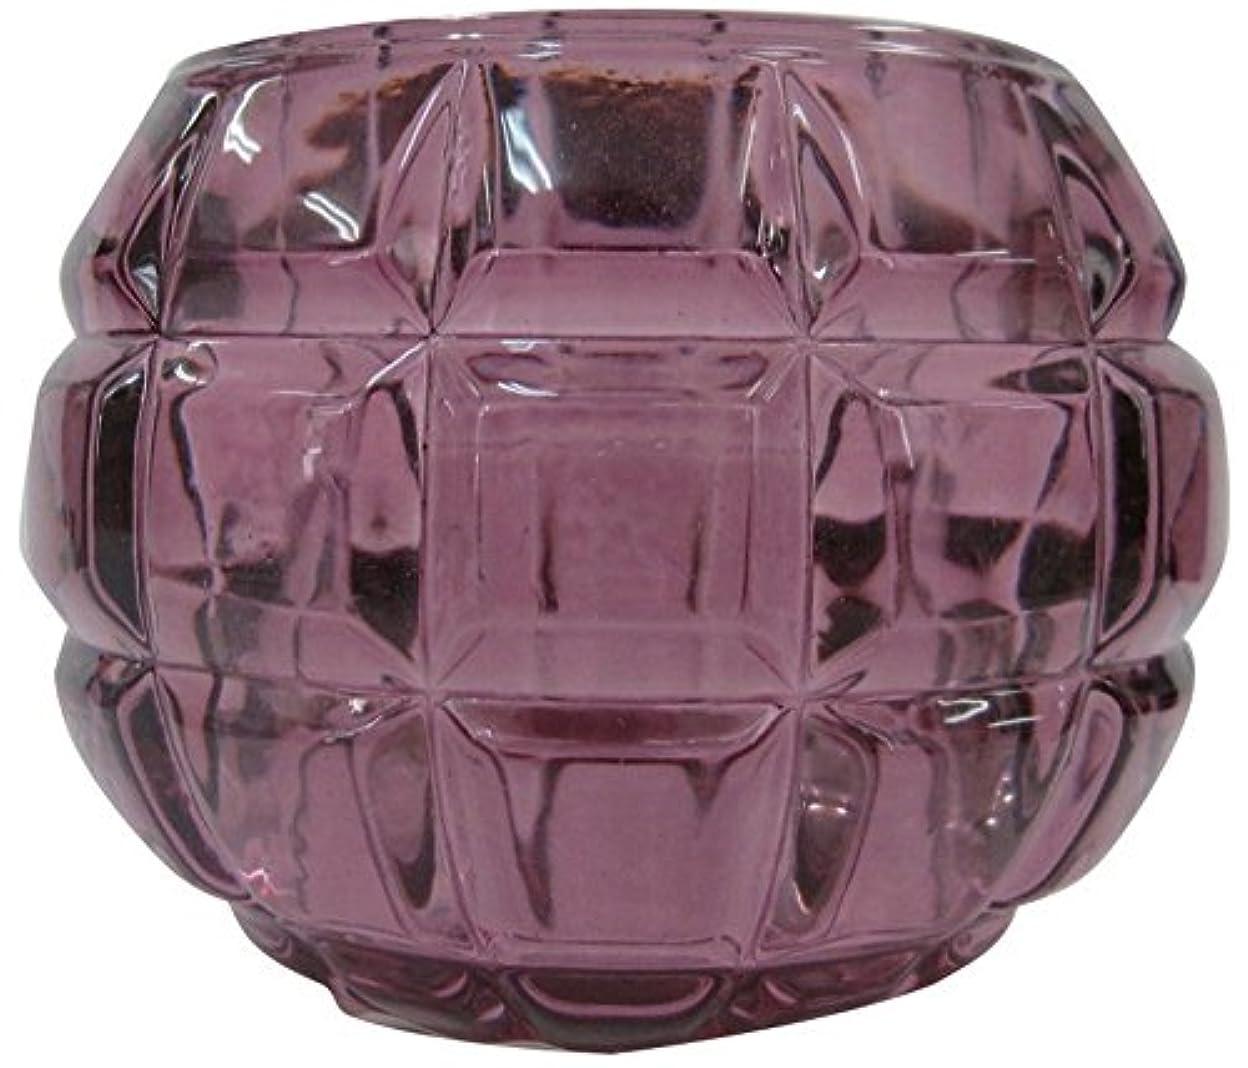 フォージ独占構想するノルコーポレーション ガラス キャンドルホルダー ノスタルギッシュ オールドレッド OH-NOH-1-1